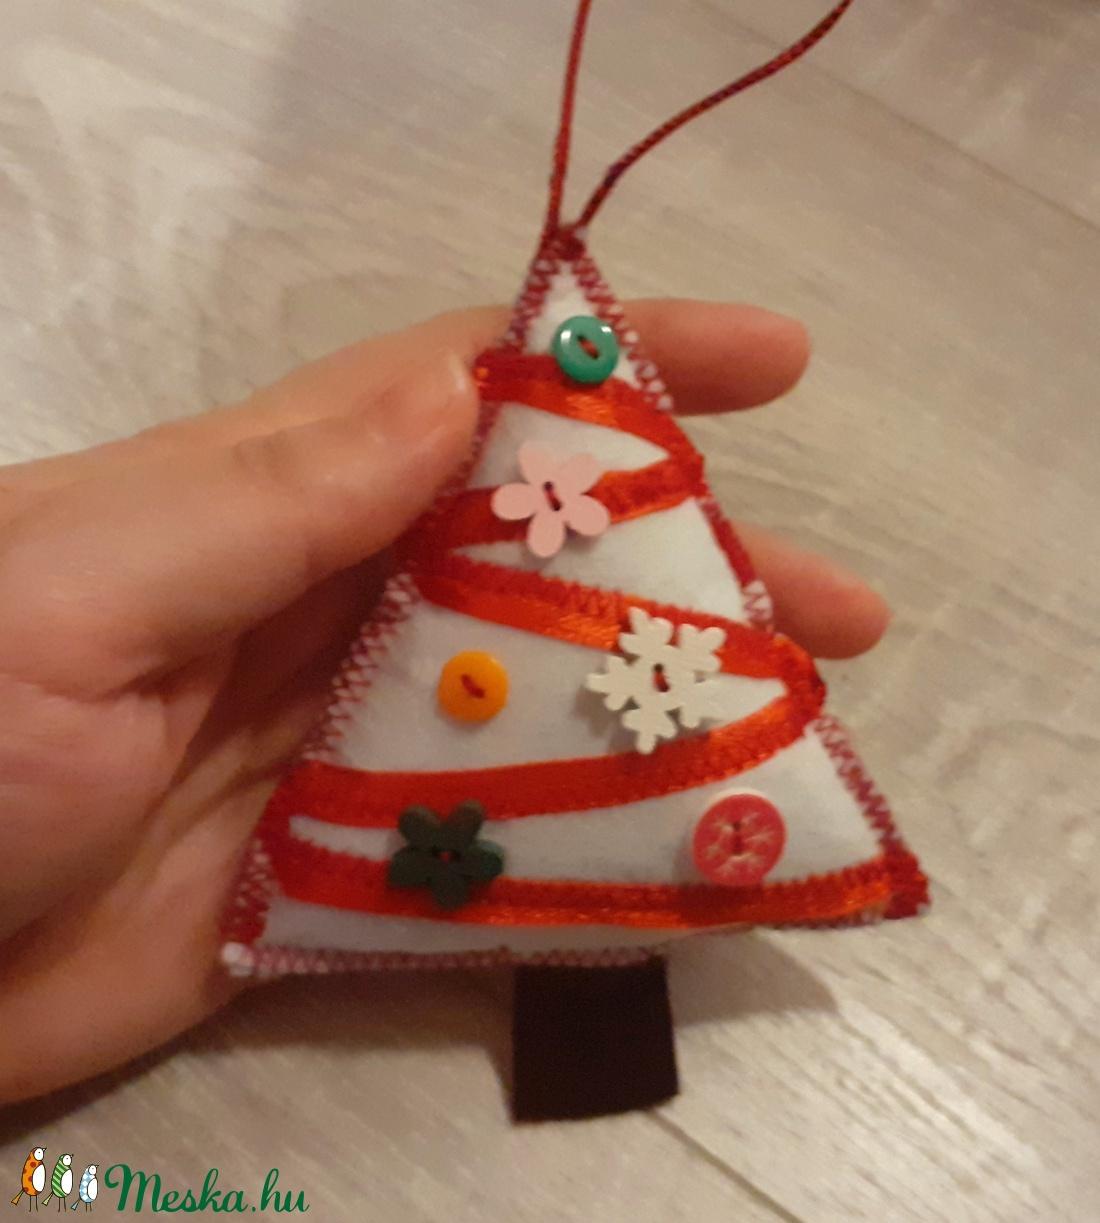 Karácsonyfadísz karácsonyfa - karácsony - karácsonyi lakásdekoráció - karácsonyfadíszek - Meska.hu